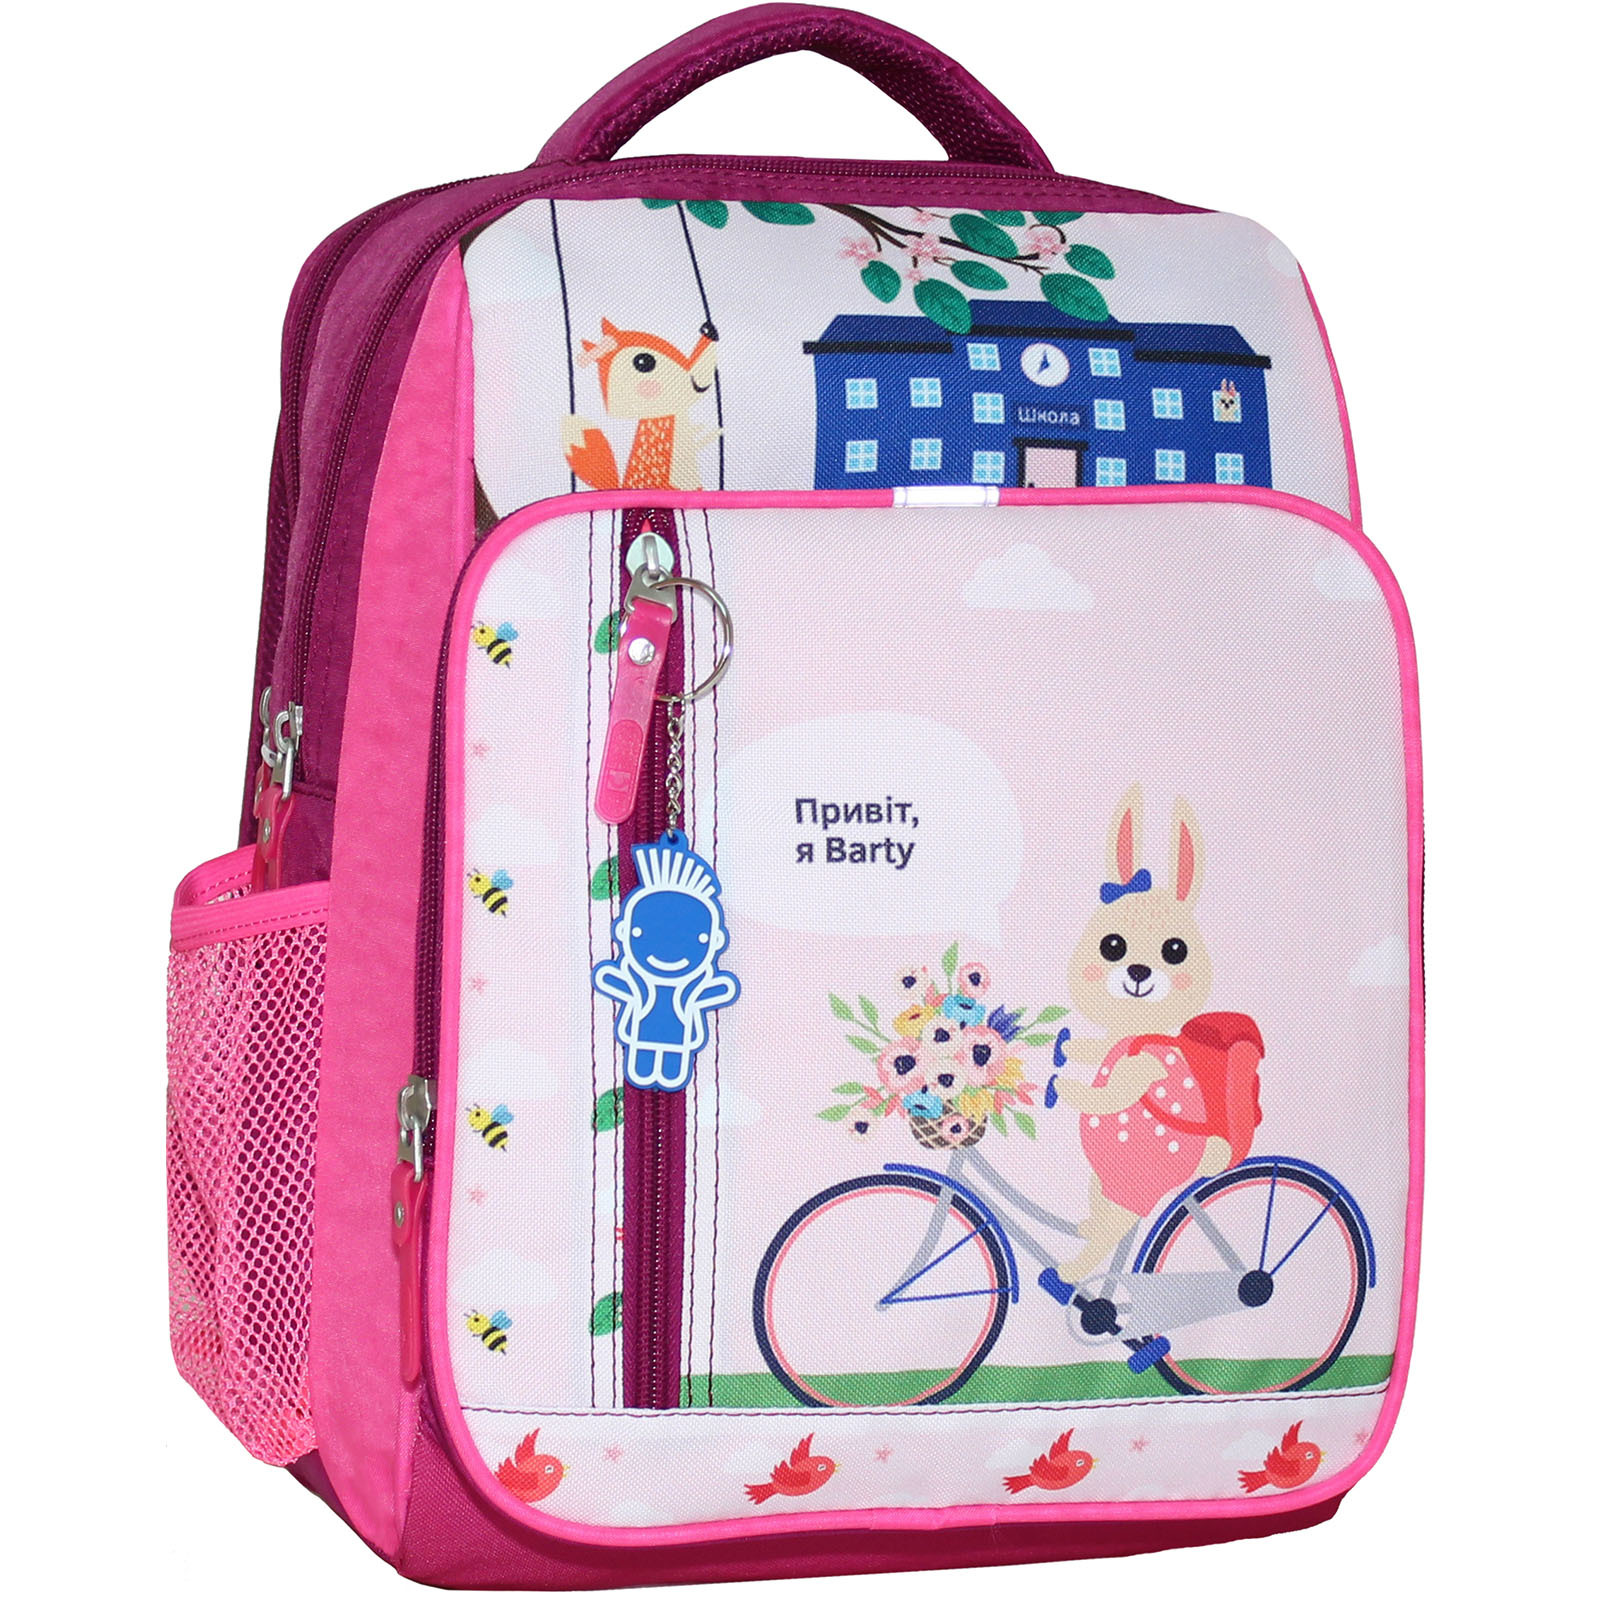 Рюкзак школьный Bagland Школьник 8 л. 143 малина 430 (00112702)